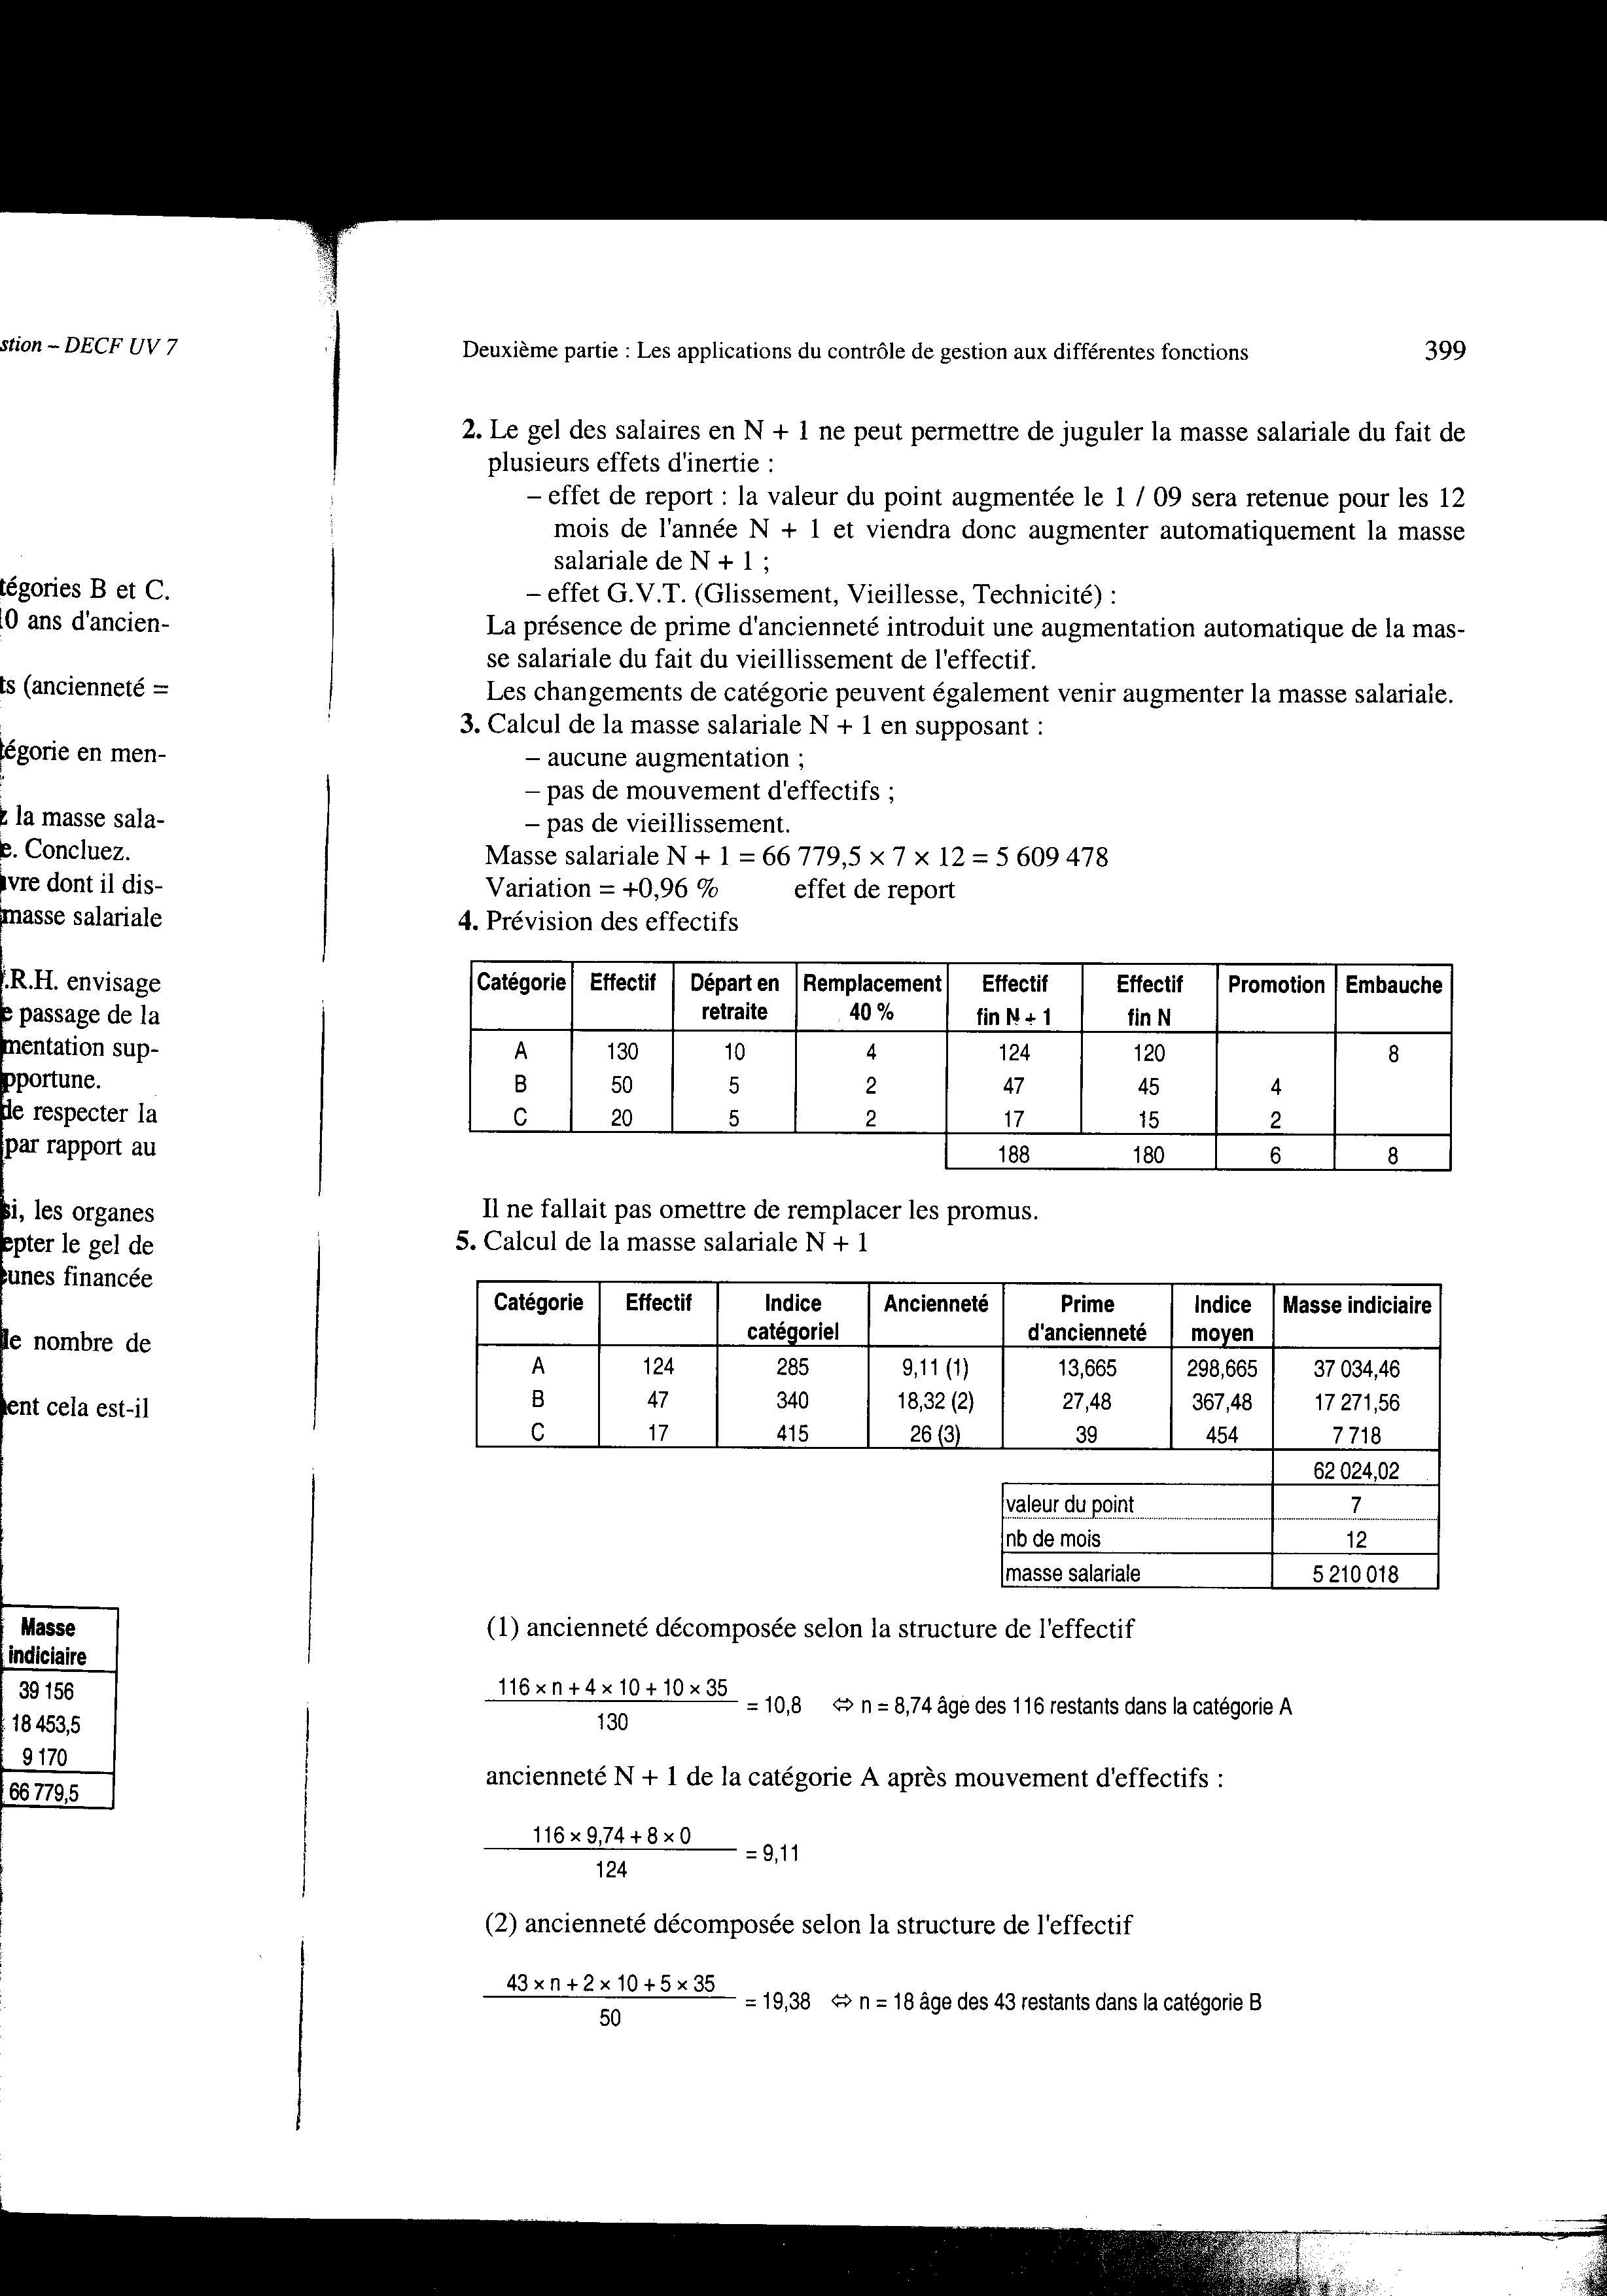 Calcul De La Masse Salariale : calcul, masse, salariale, Master, Masse, Salariale, Comptabilité,, Contrôle, Gestion,, Audit, Scilien), Masters., Instruments, Outils, Gestion, Situation, Crise.